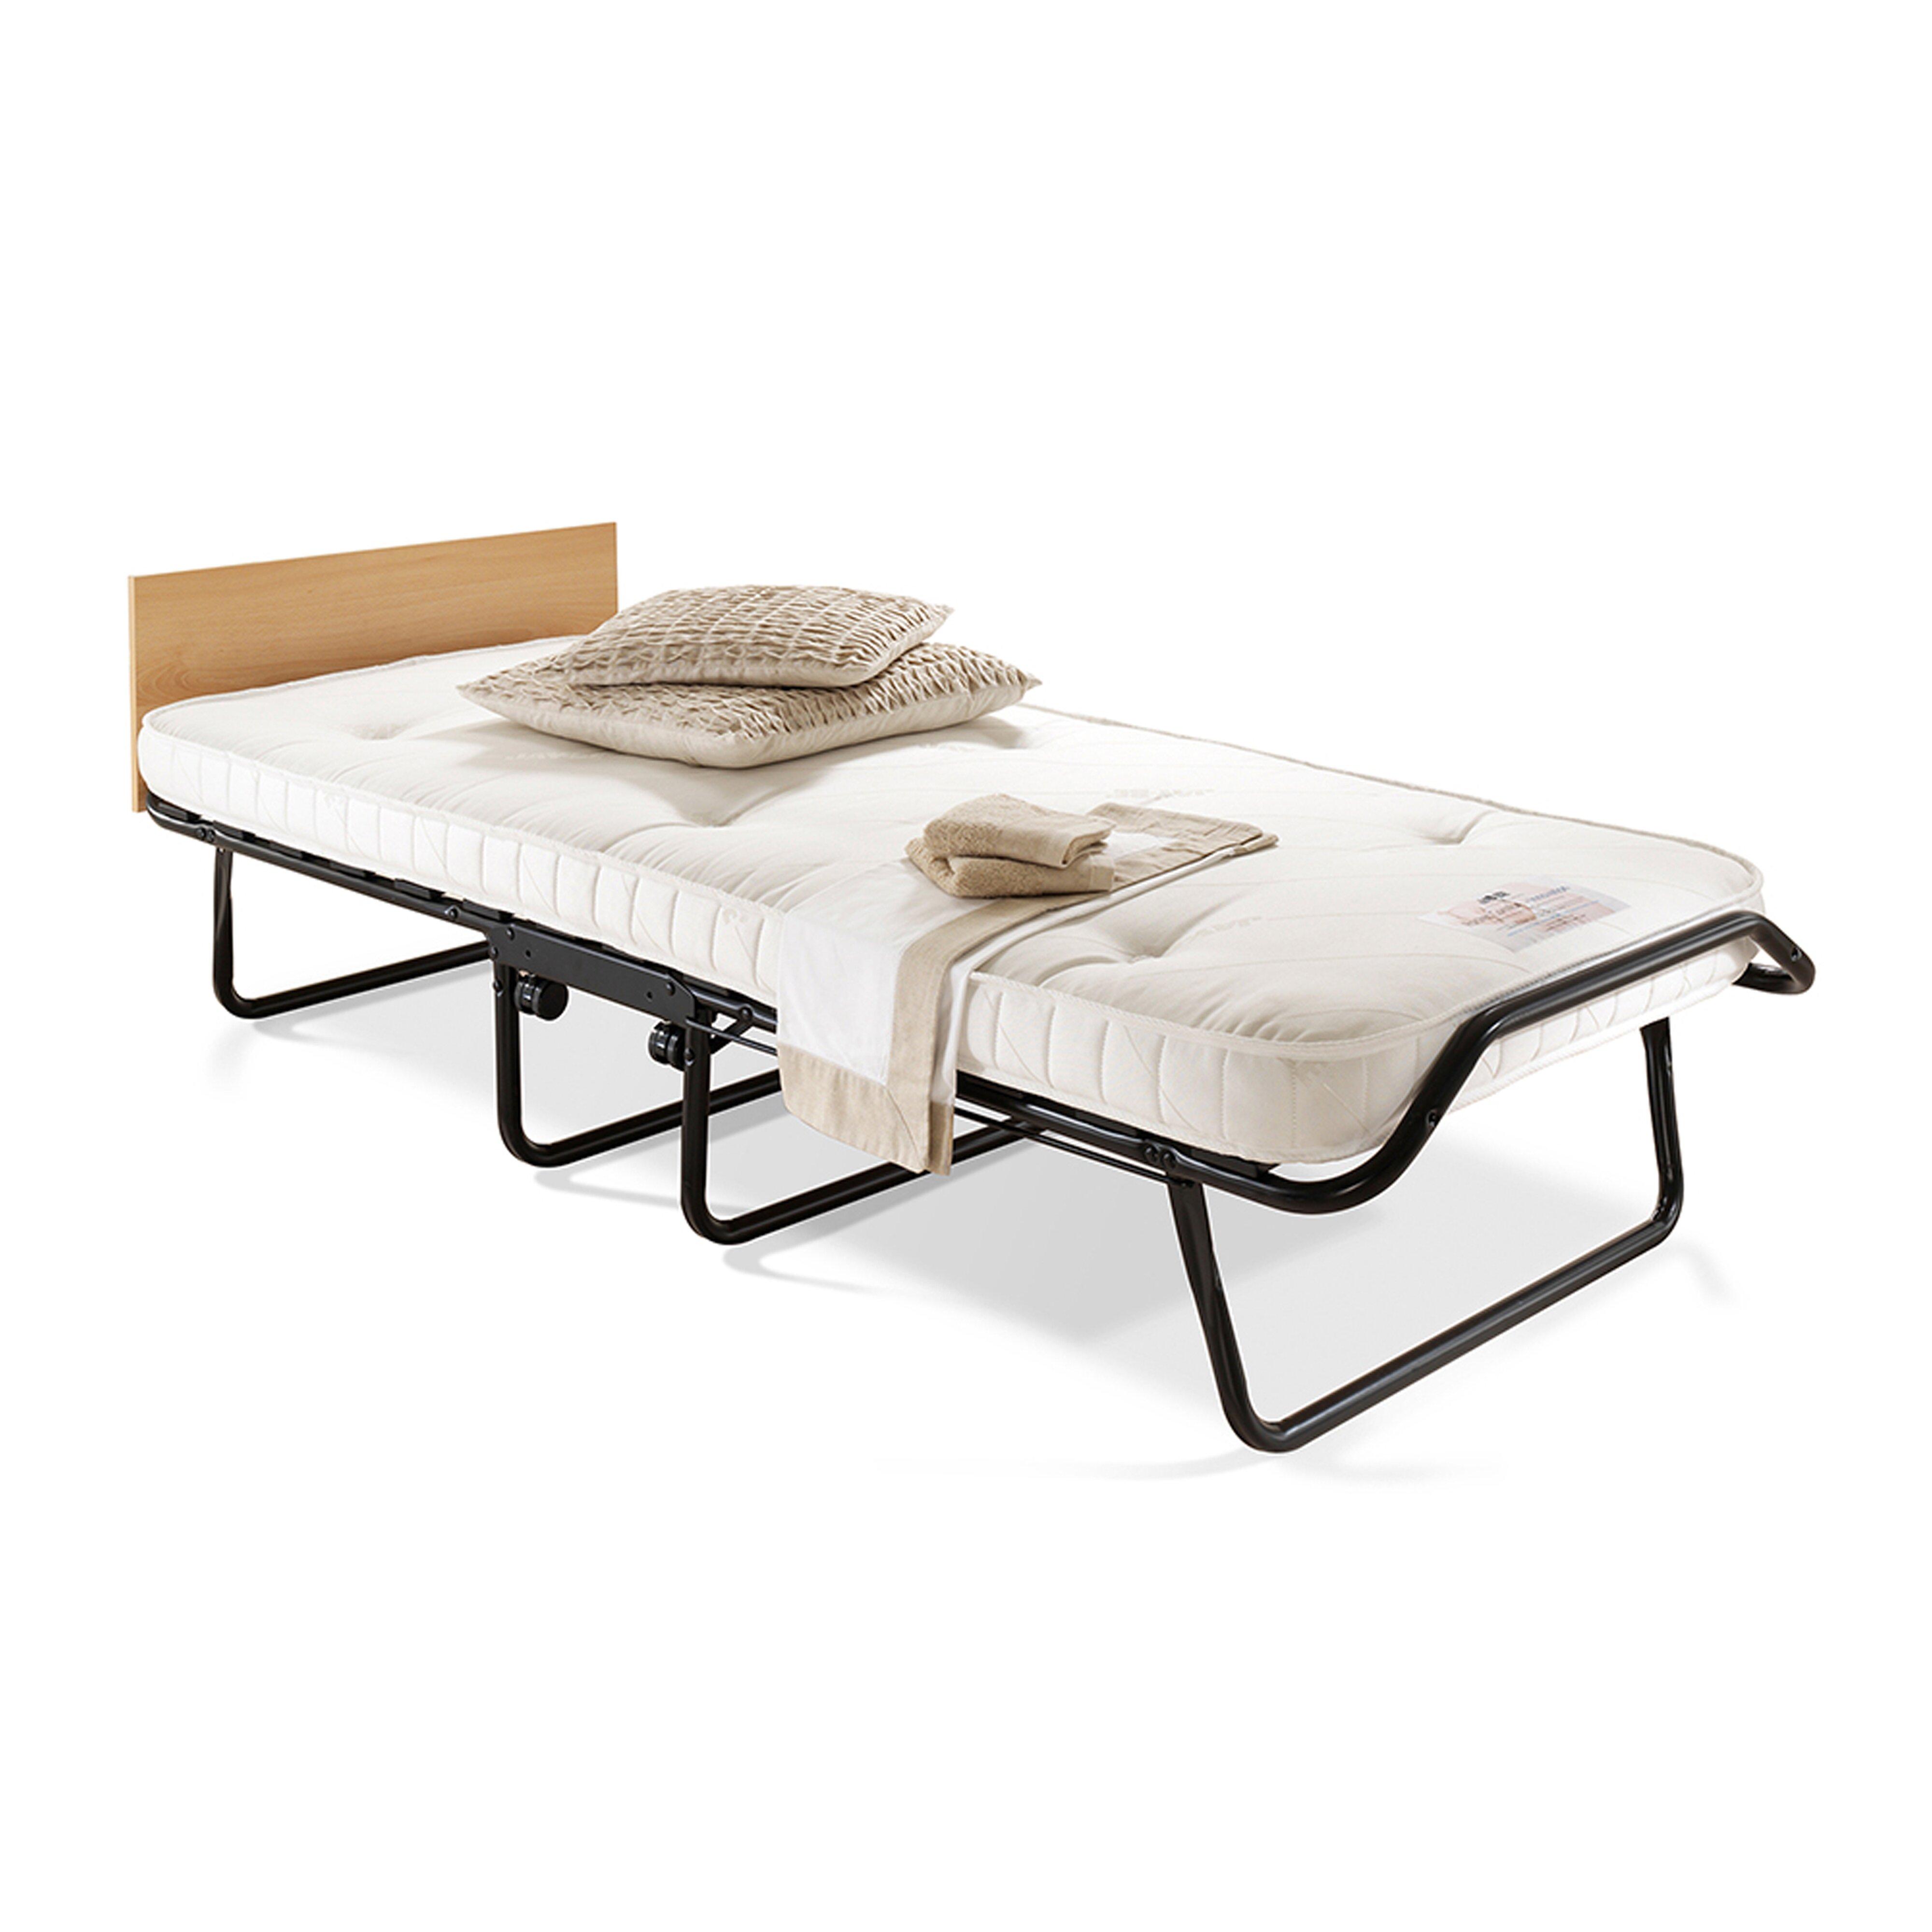 Folding Beds Reviews : Jay be royal pocket sprung folding bed reviews wayfair uk